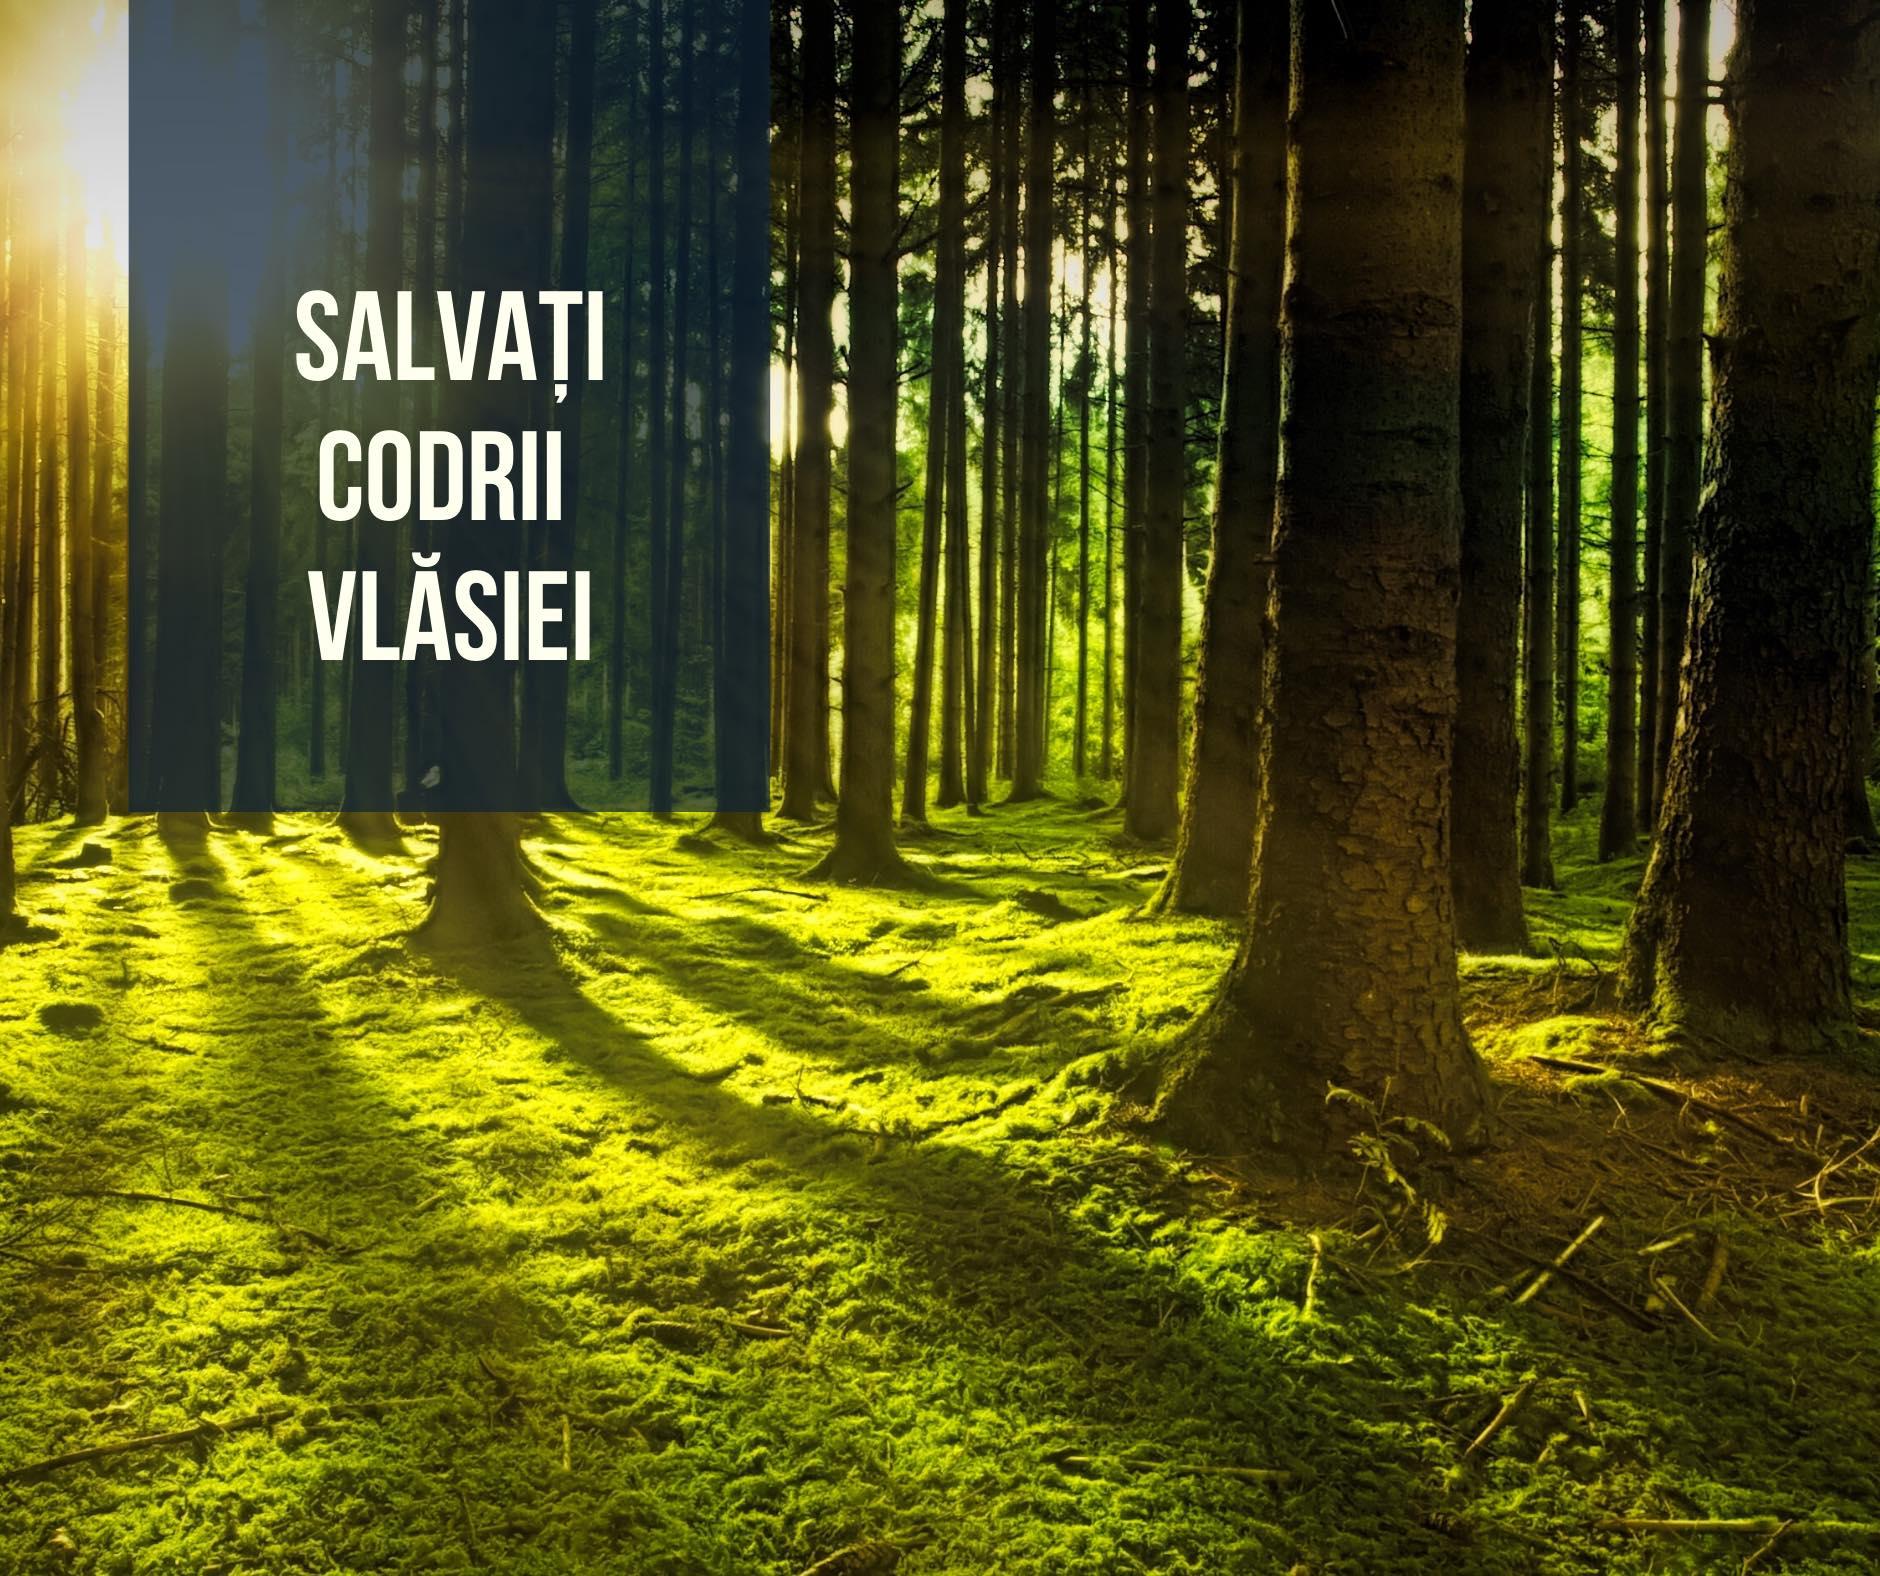 S-a înființat grupul civic Salvați Codrii Vlăsiei